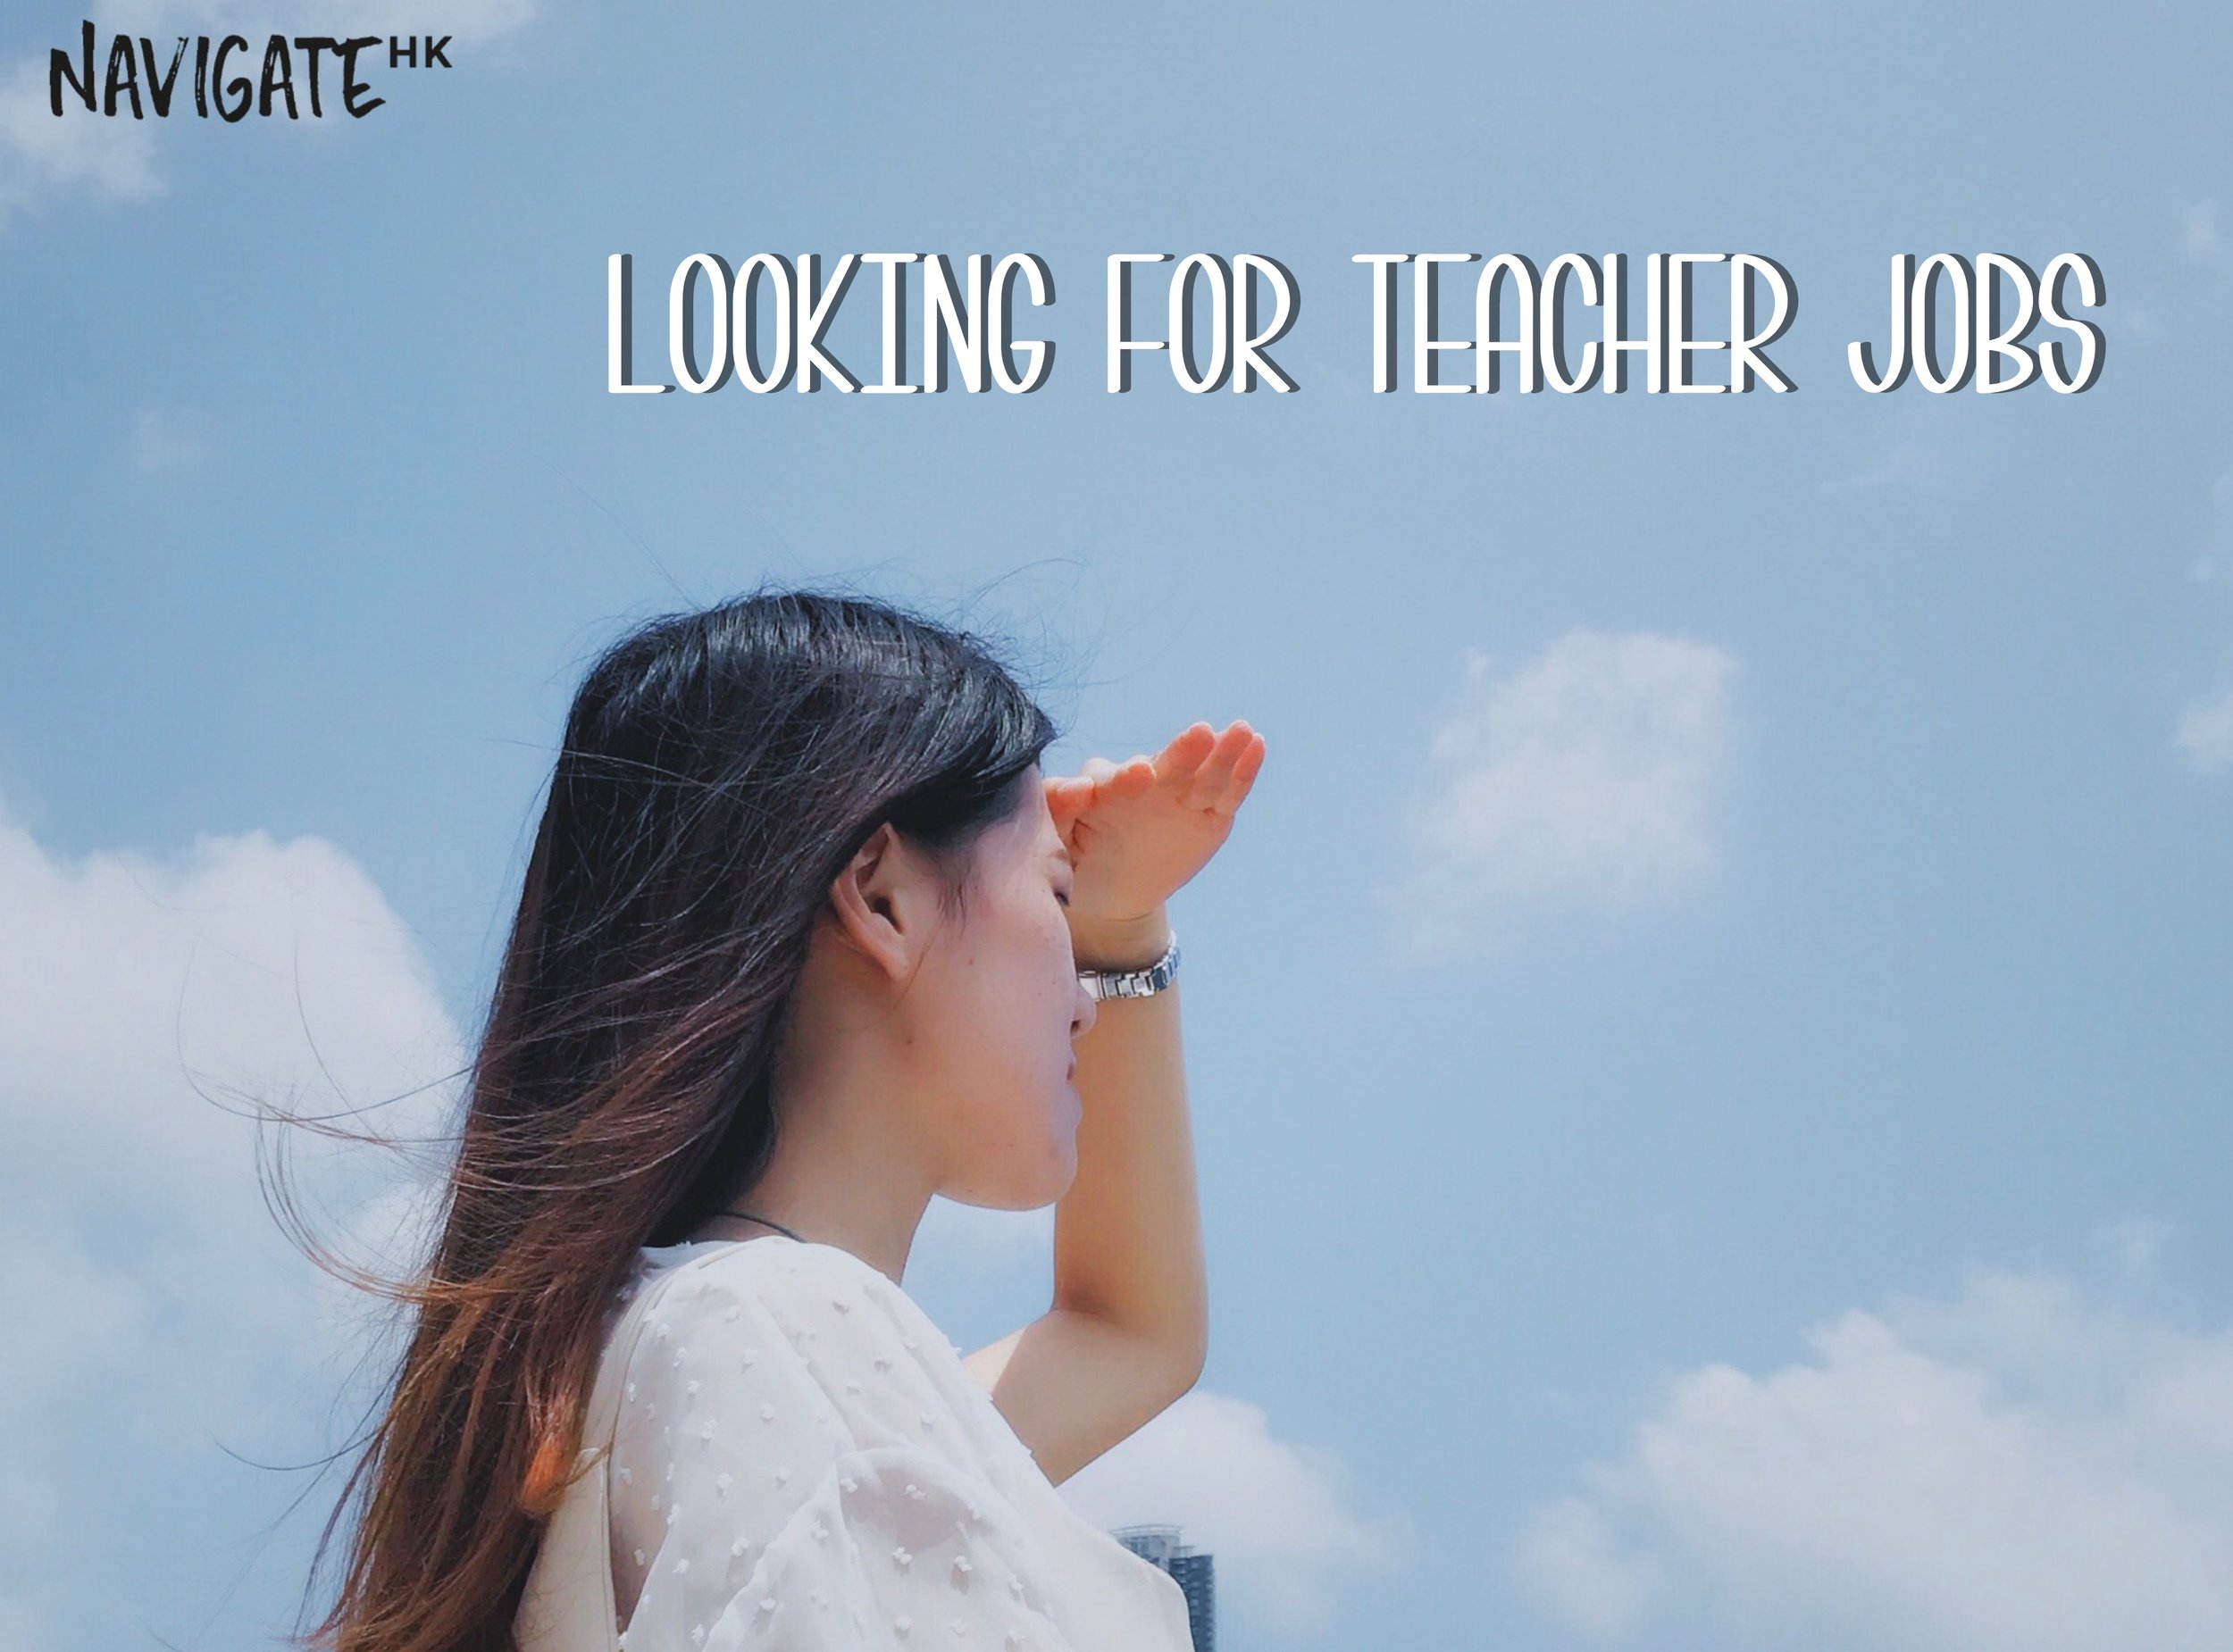 Looking-for-teacher-jobs-hong-kong.jpg